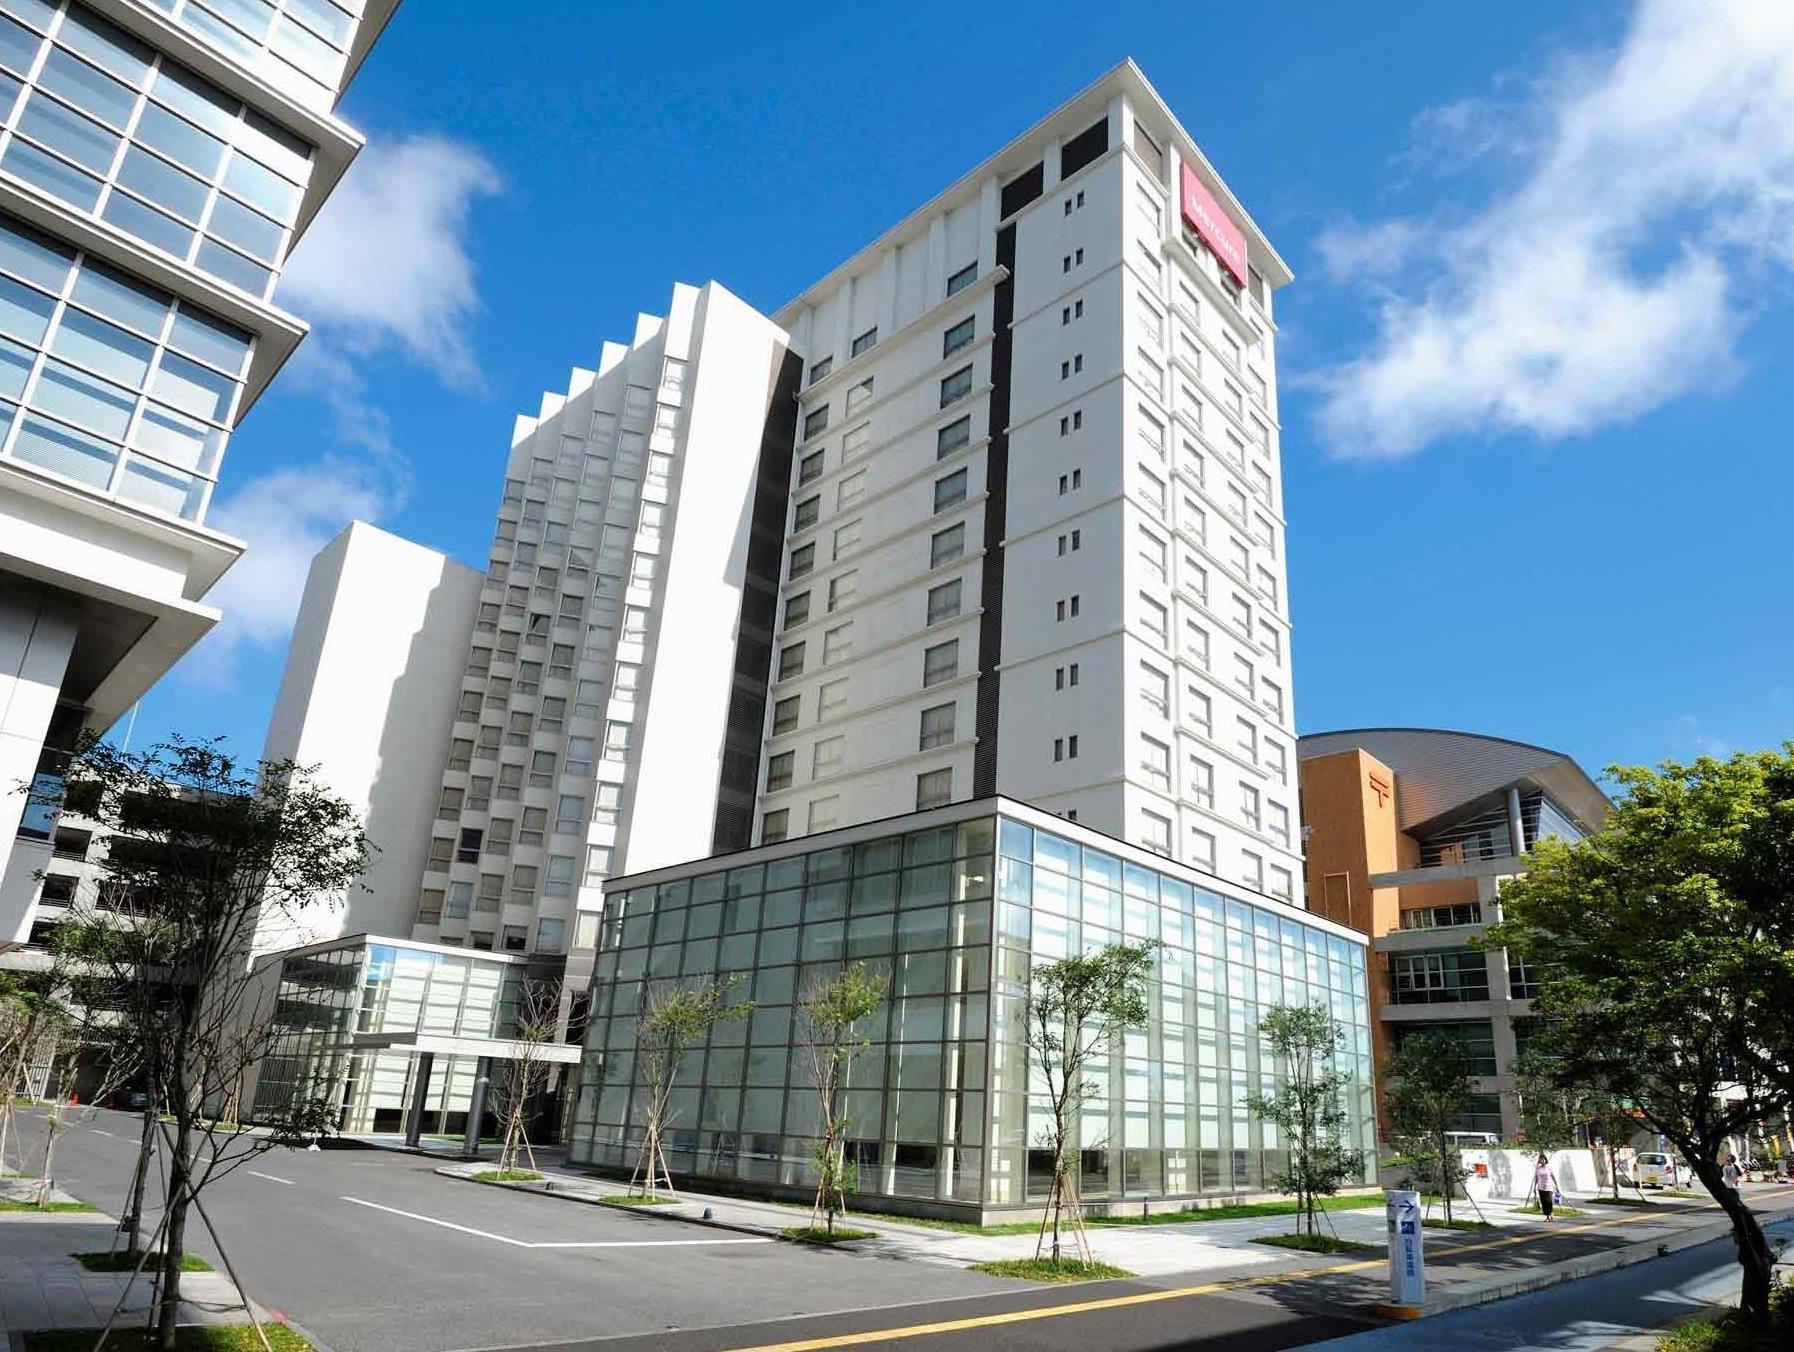 沖繩沖繩那霸美居酒店 (Mercure Okinawa Naha Hotel) - Agoda 提供行程前一刻網上即時優惠價格訂房服務